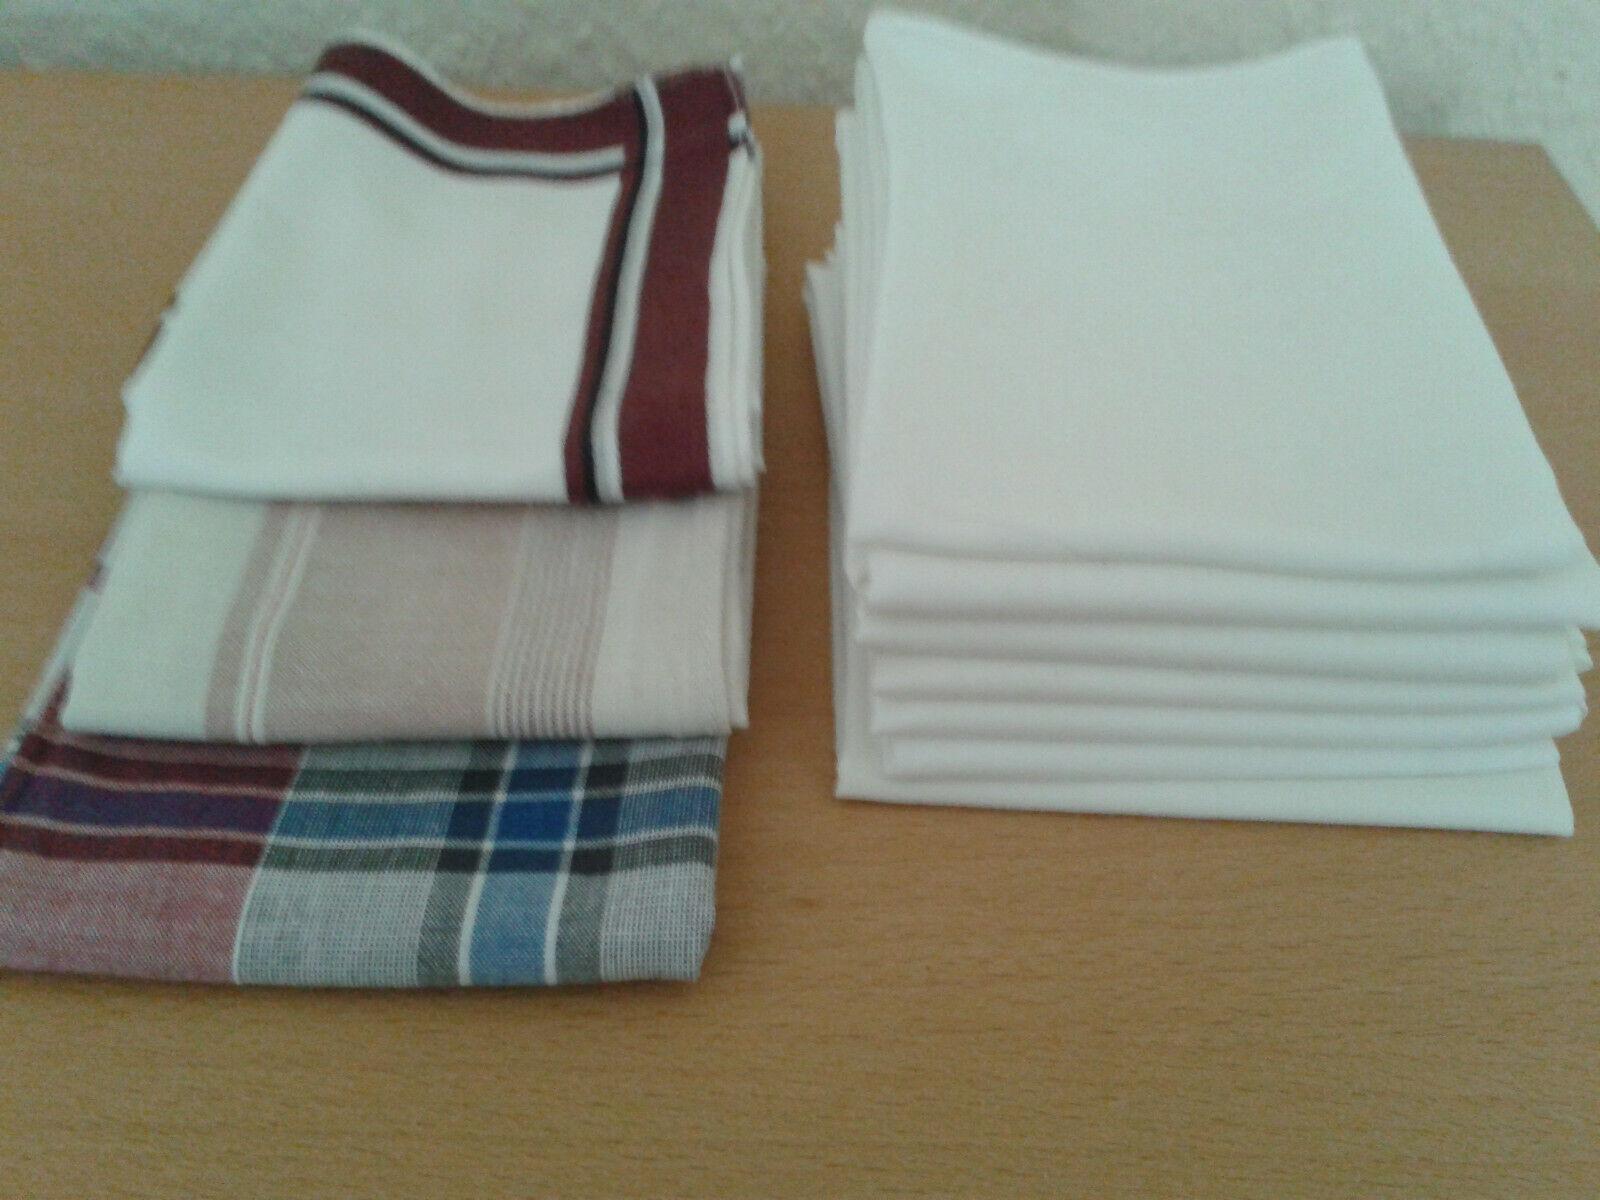 10 Handkerchiefs Fabric-Handkerchiefs approx 40 x 40cm Mens Handkerchiefs White